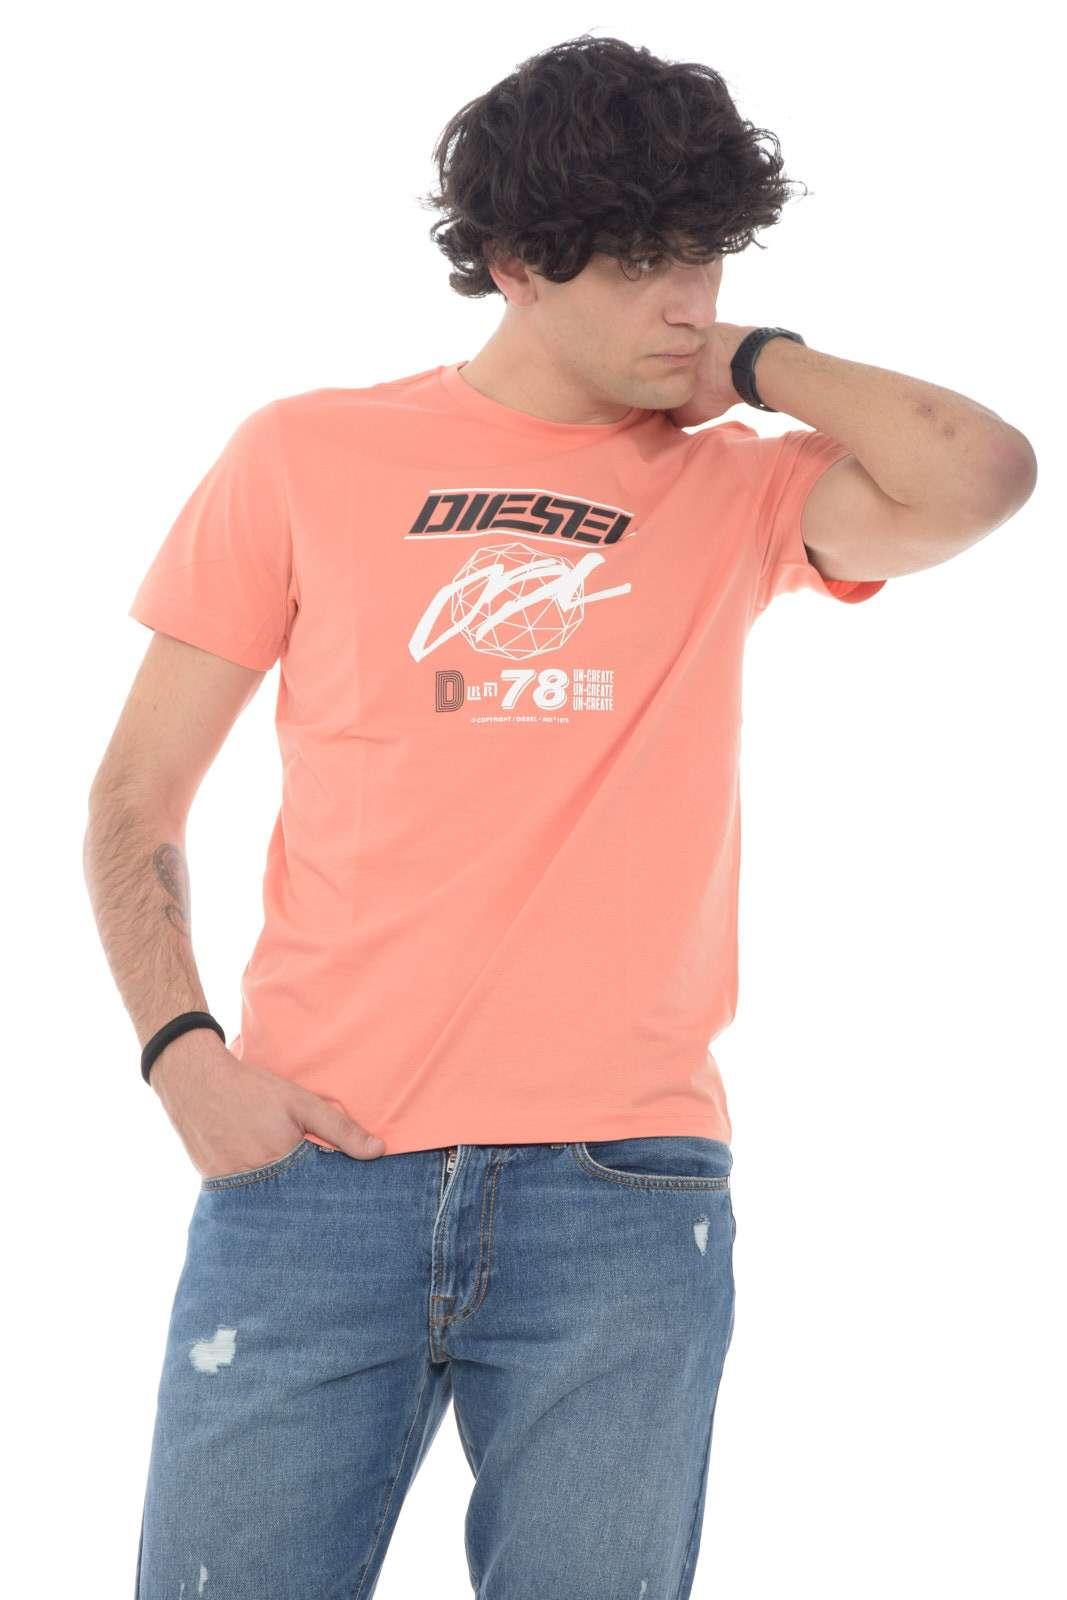 Sfodera un capo iconico e versatile per la tua routine, per un look sempre sul pezzo. La t shirt T DIEGOS, firmata Diesel, renderà alla moda ogni abbinamento, per un'aspetto sempre curato.